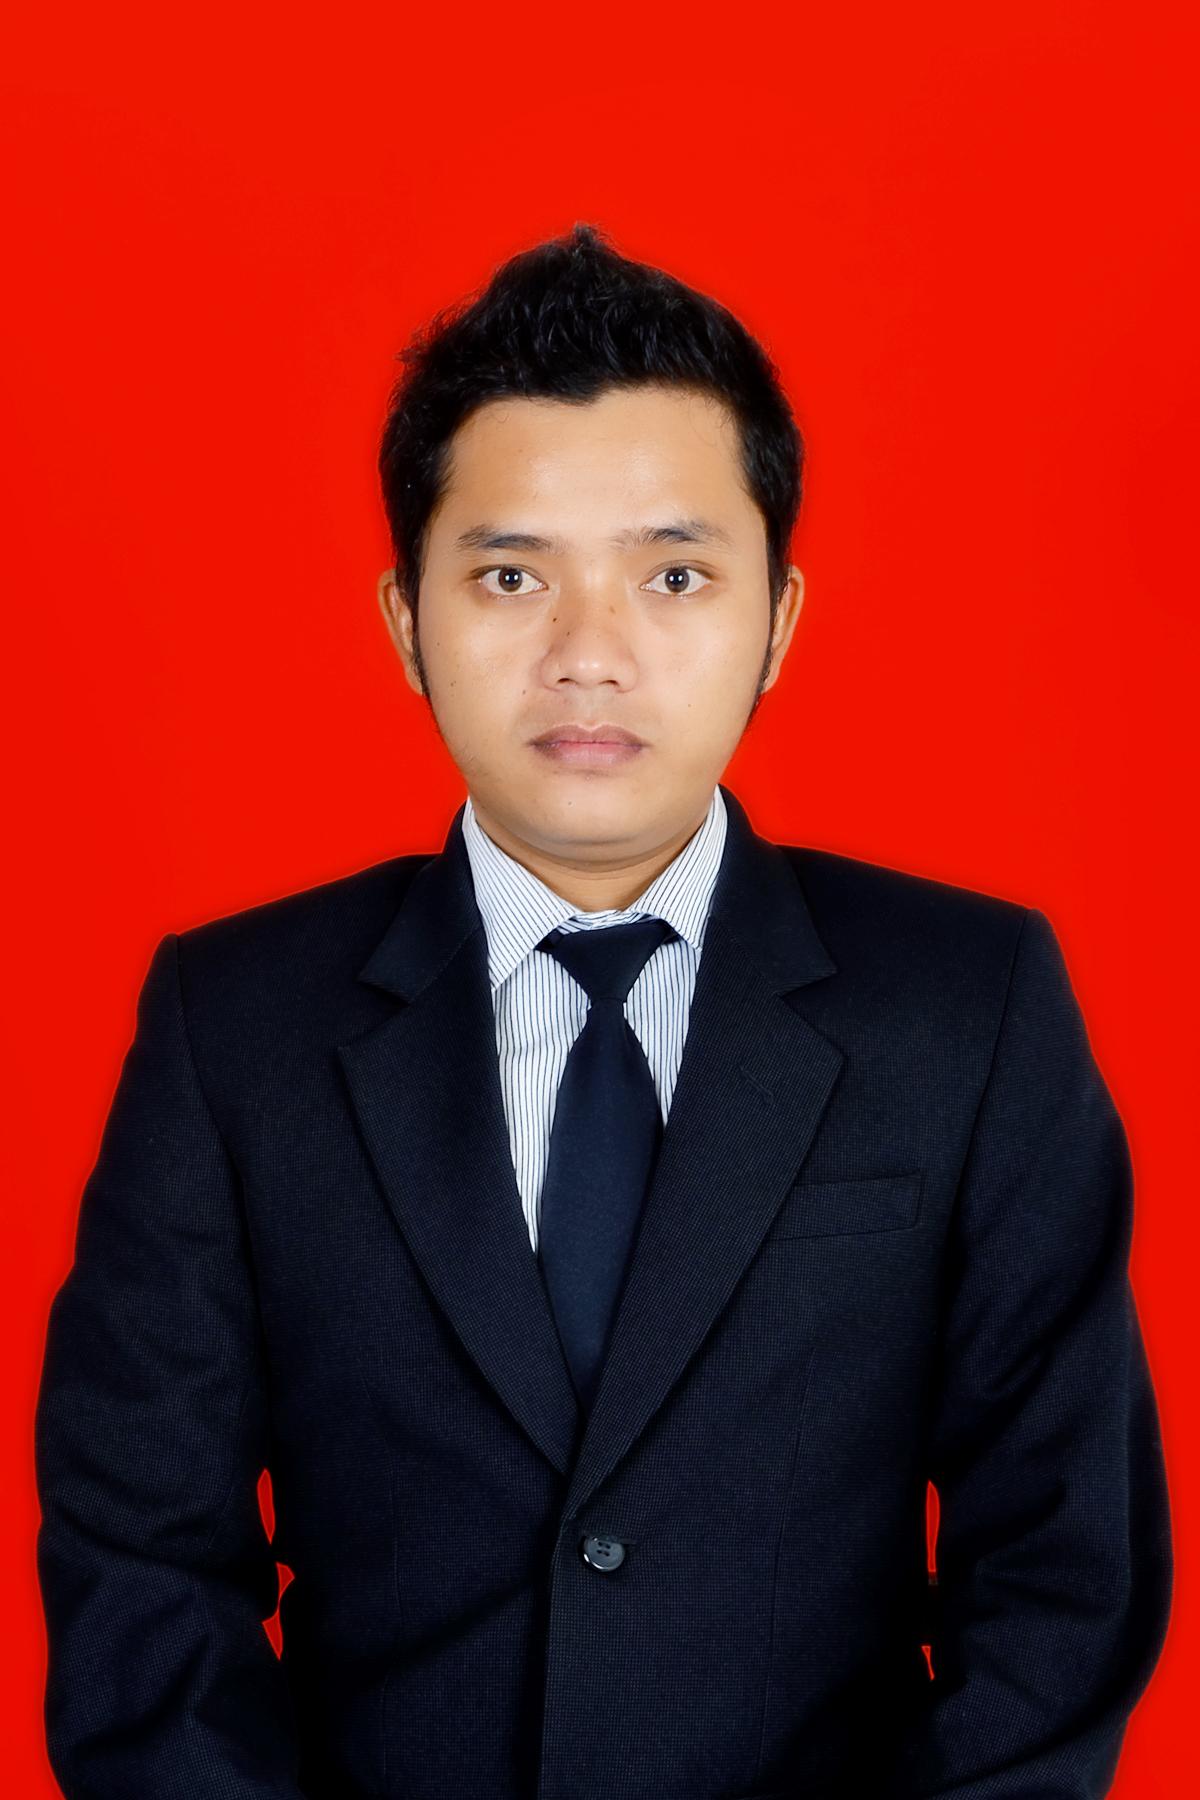 Pak Liwa Ulhamdi